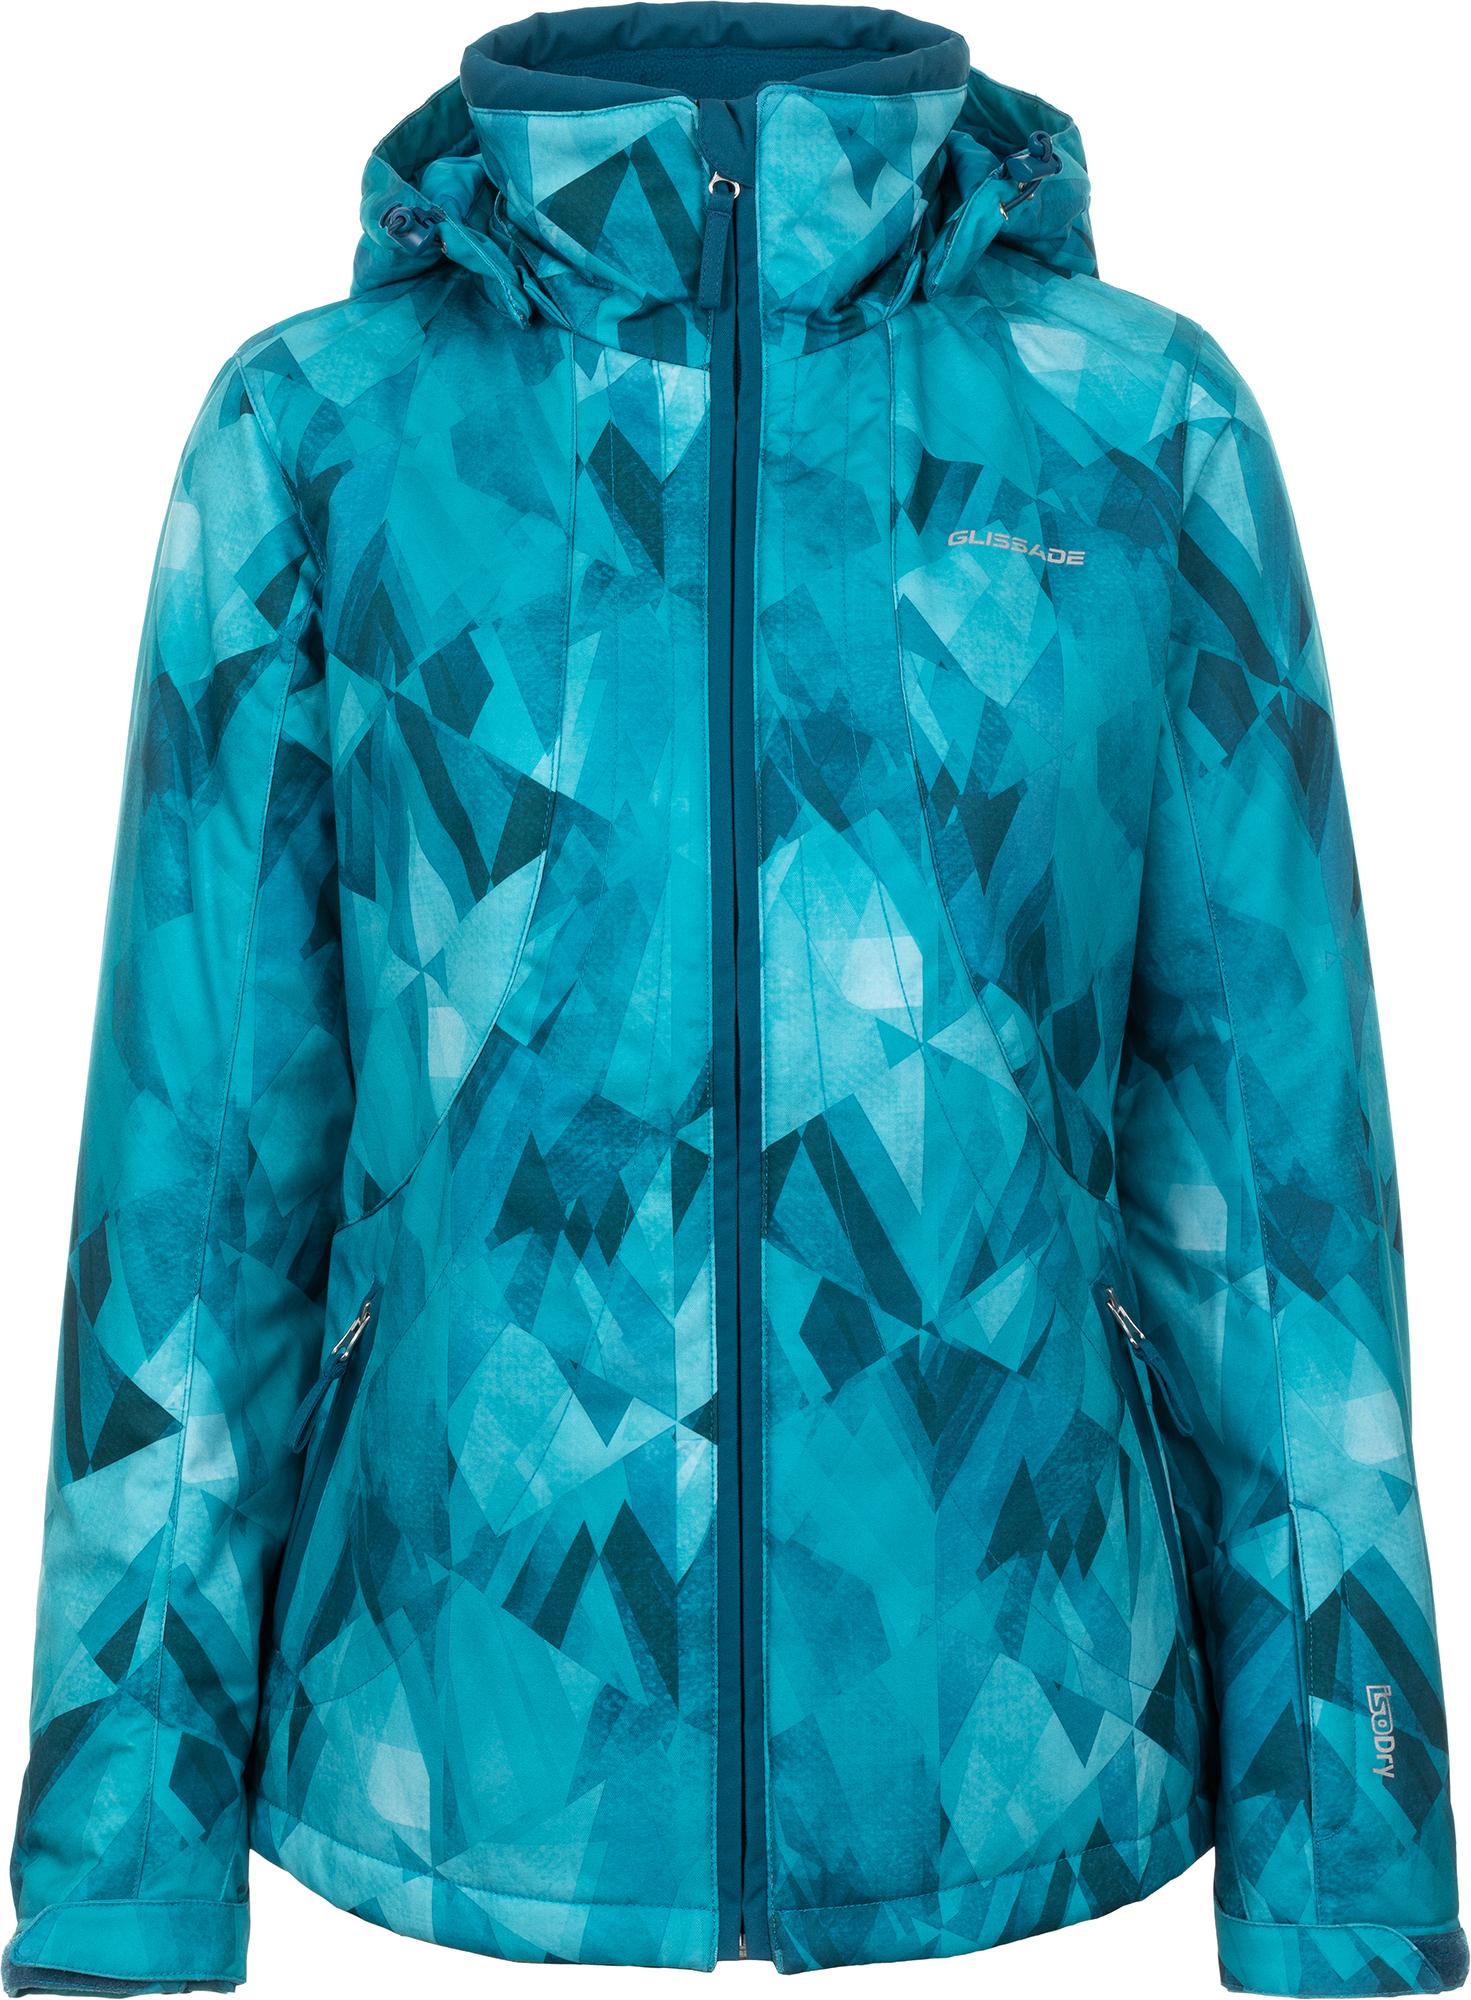 купить Glissade Куртка утепленная женская Glissade, размер 56 по цене 5999 рублей